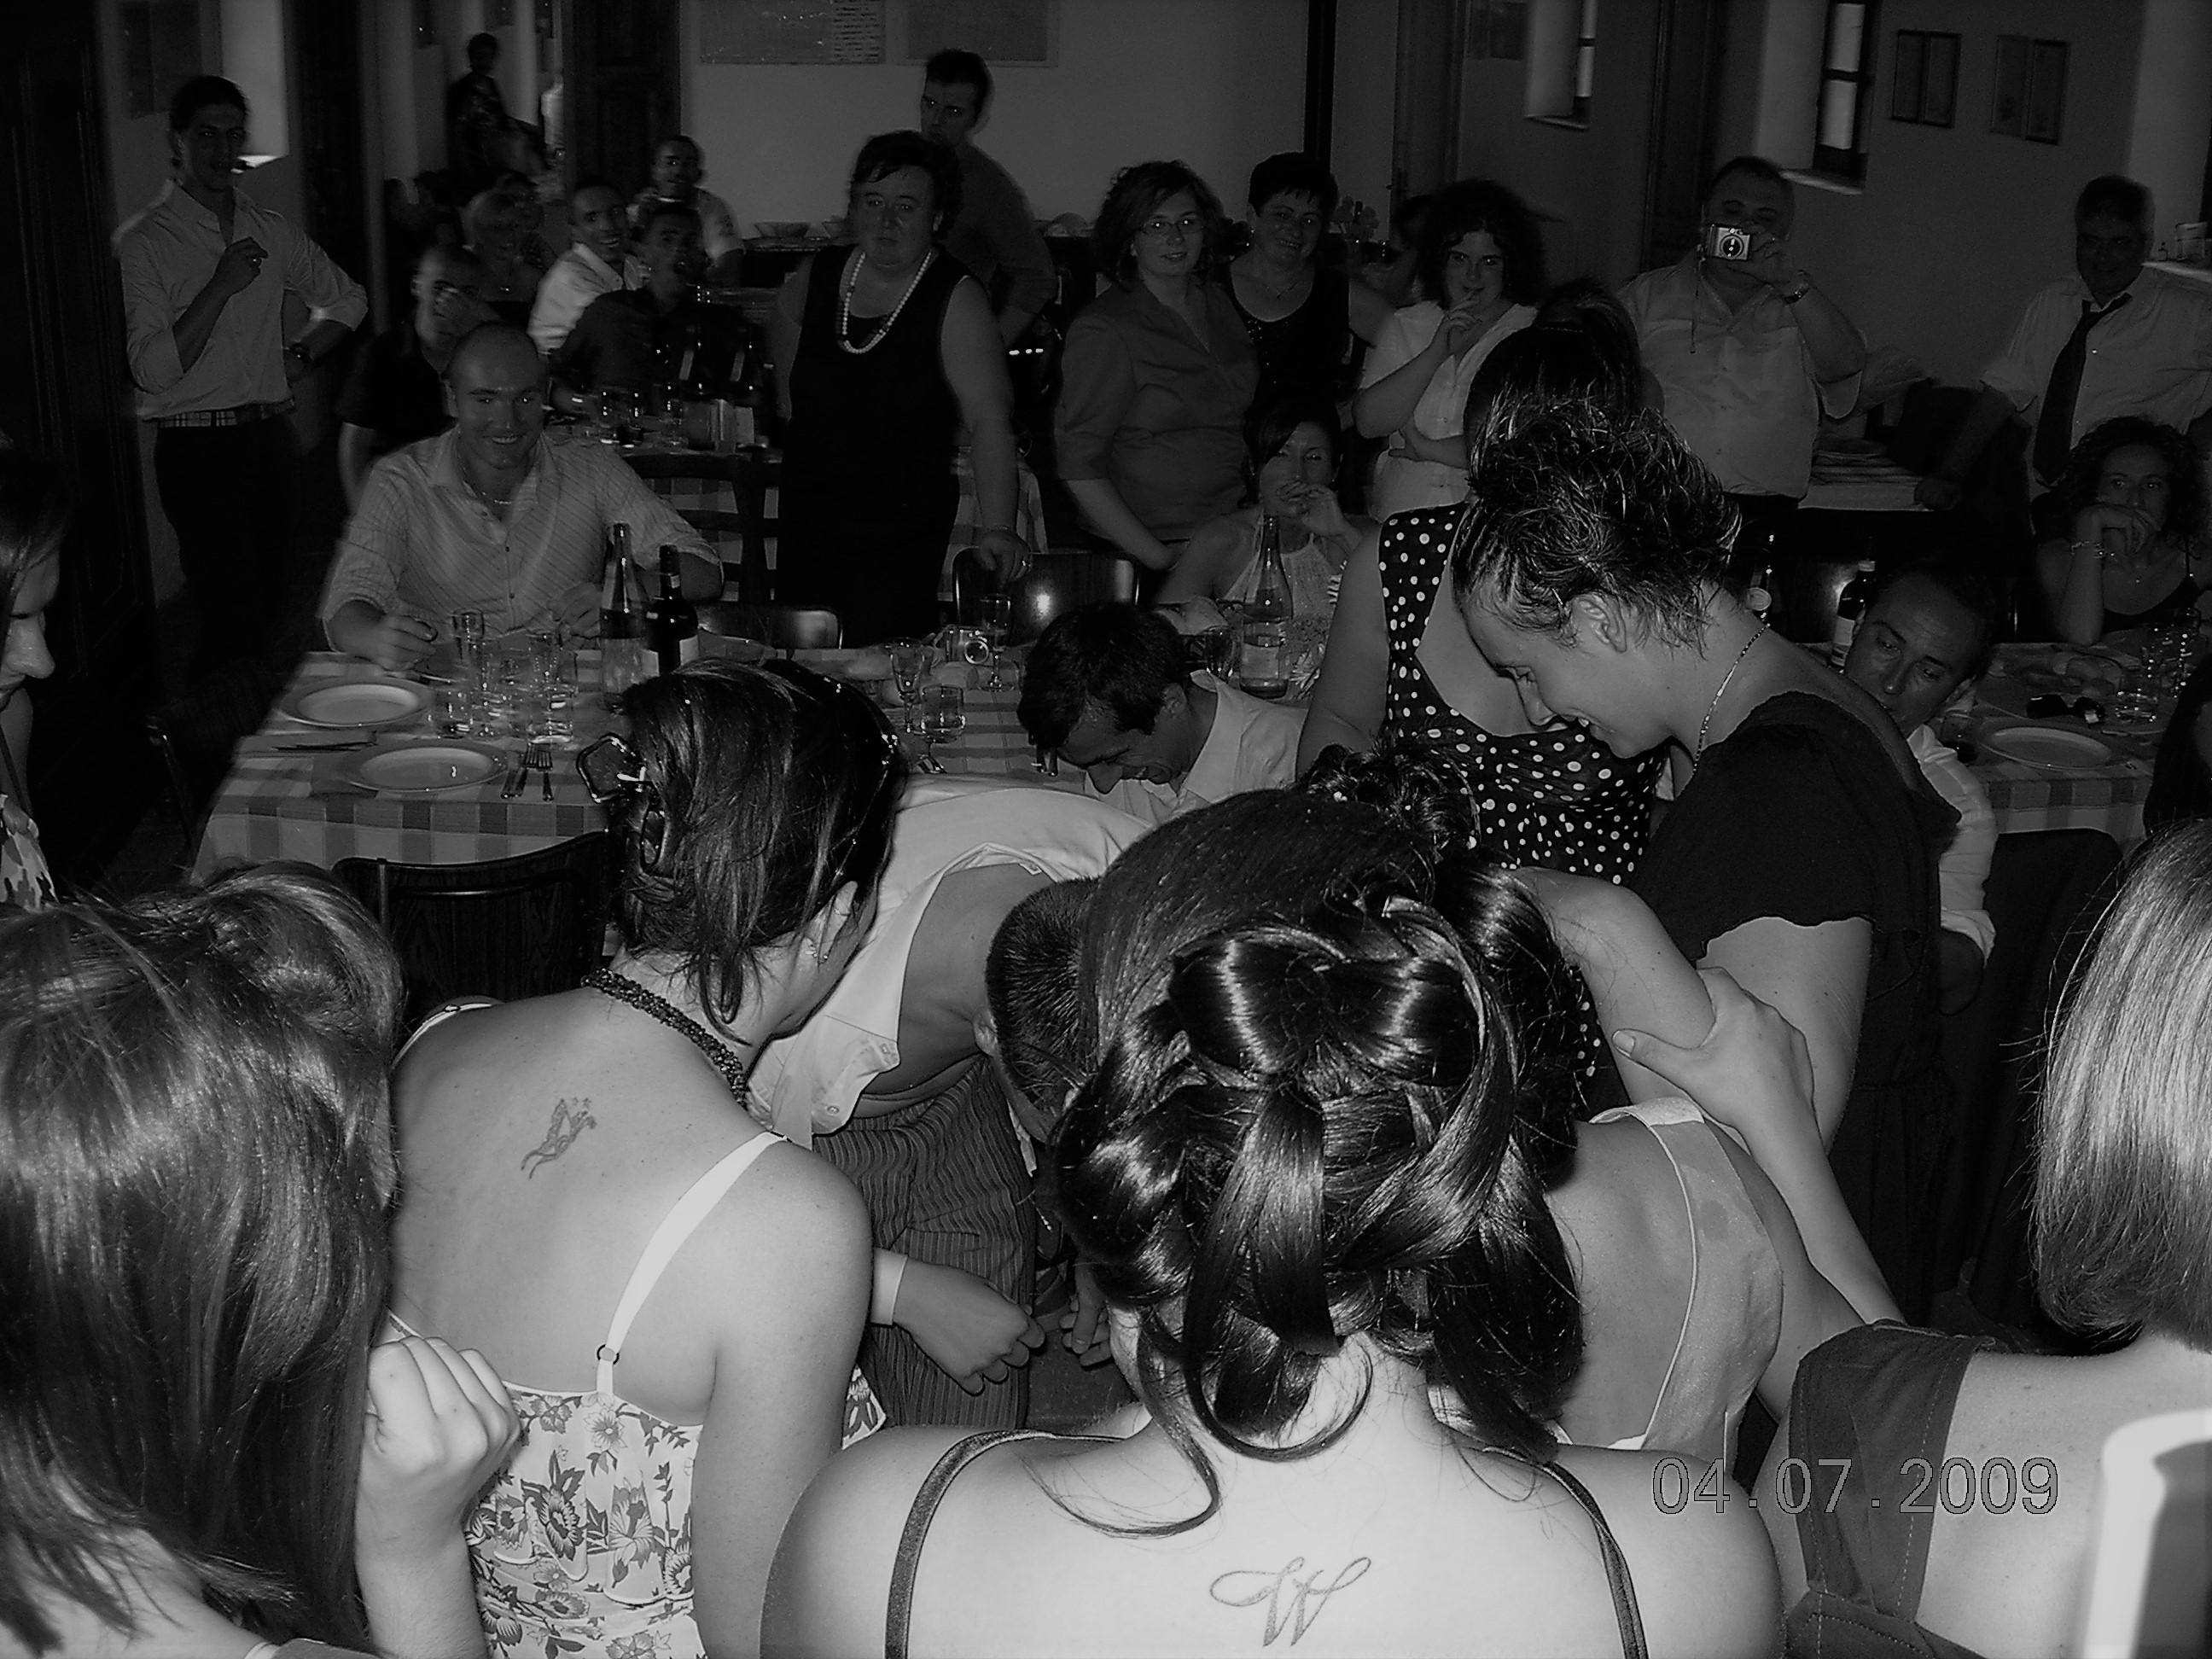 Oscar e Emanuela 04.07.2009 - 081.JPG